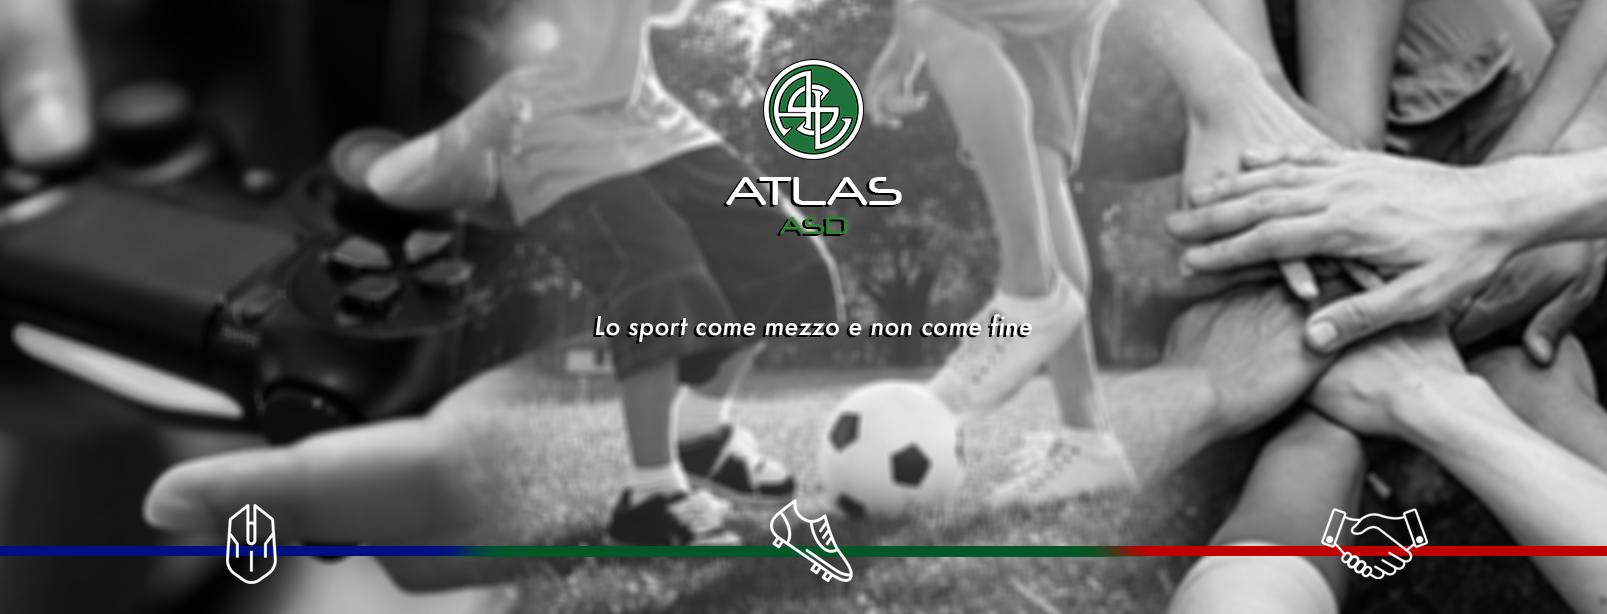 Banner ATLAS